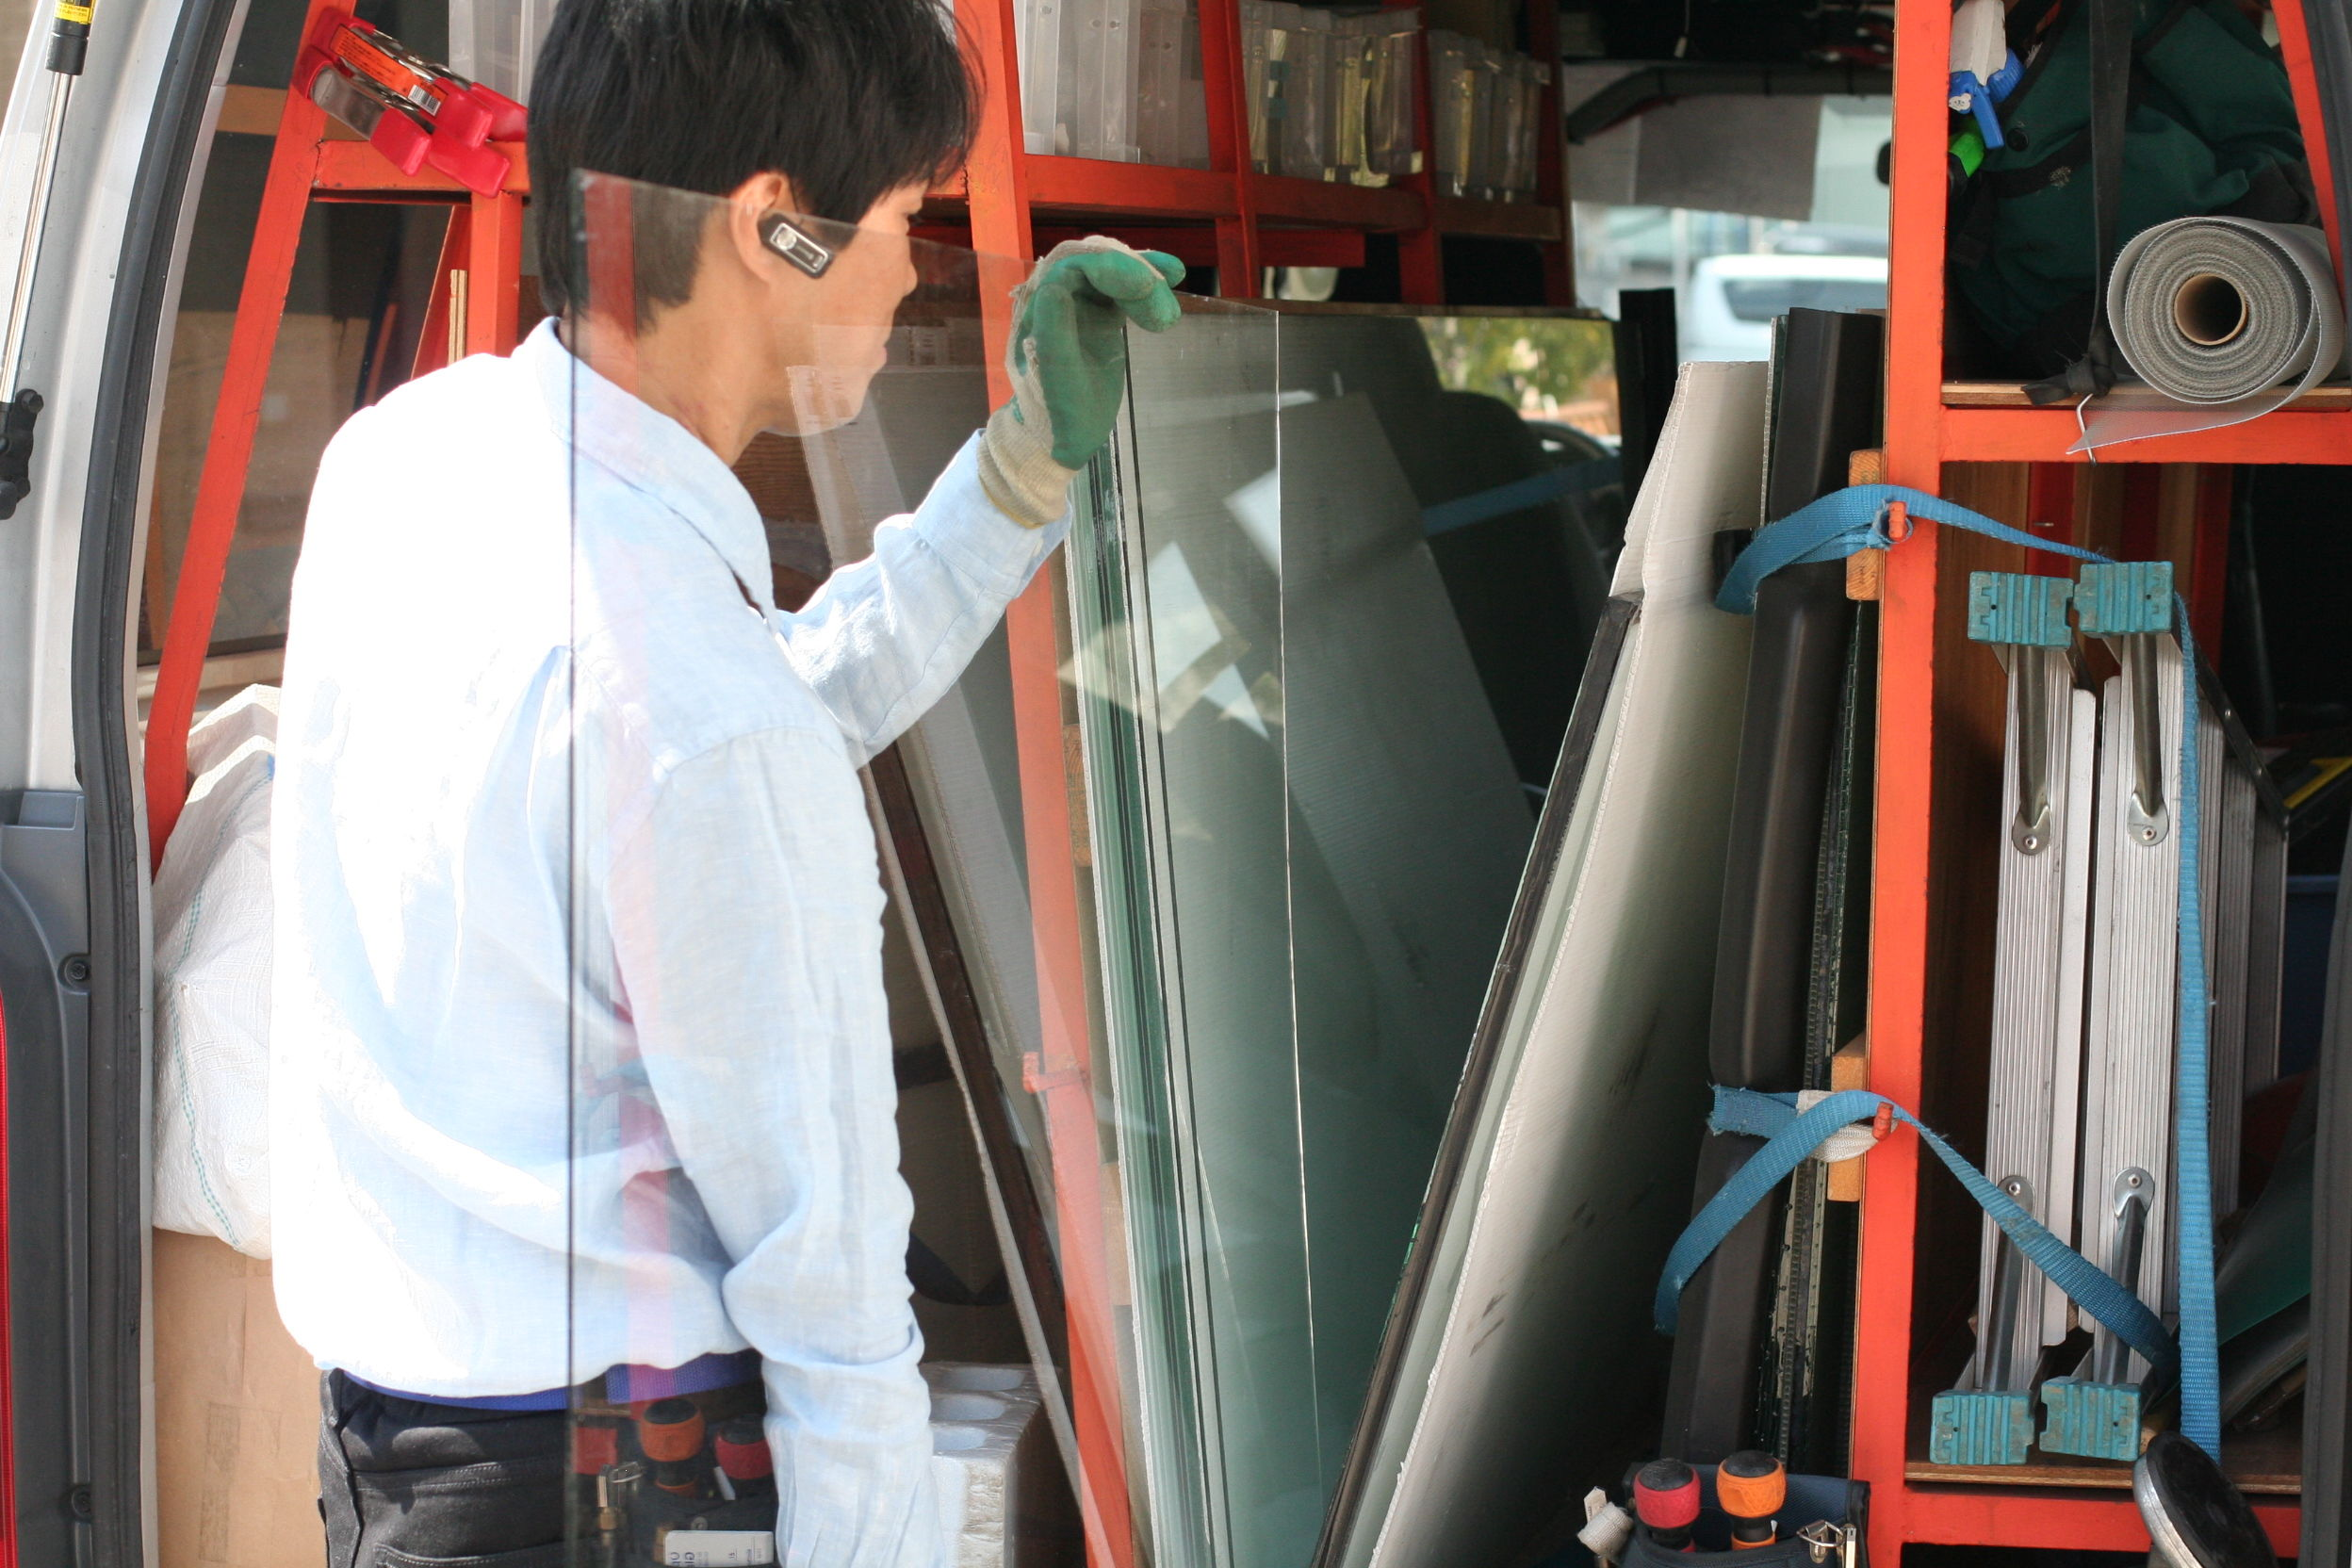 ガラスのトラブル救Q隊.24【和気郡和気町 出張エリア】の店内・外観画像2